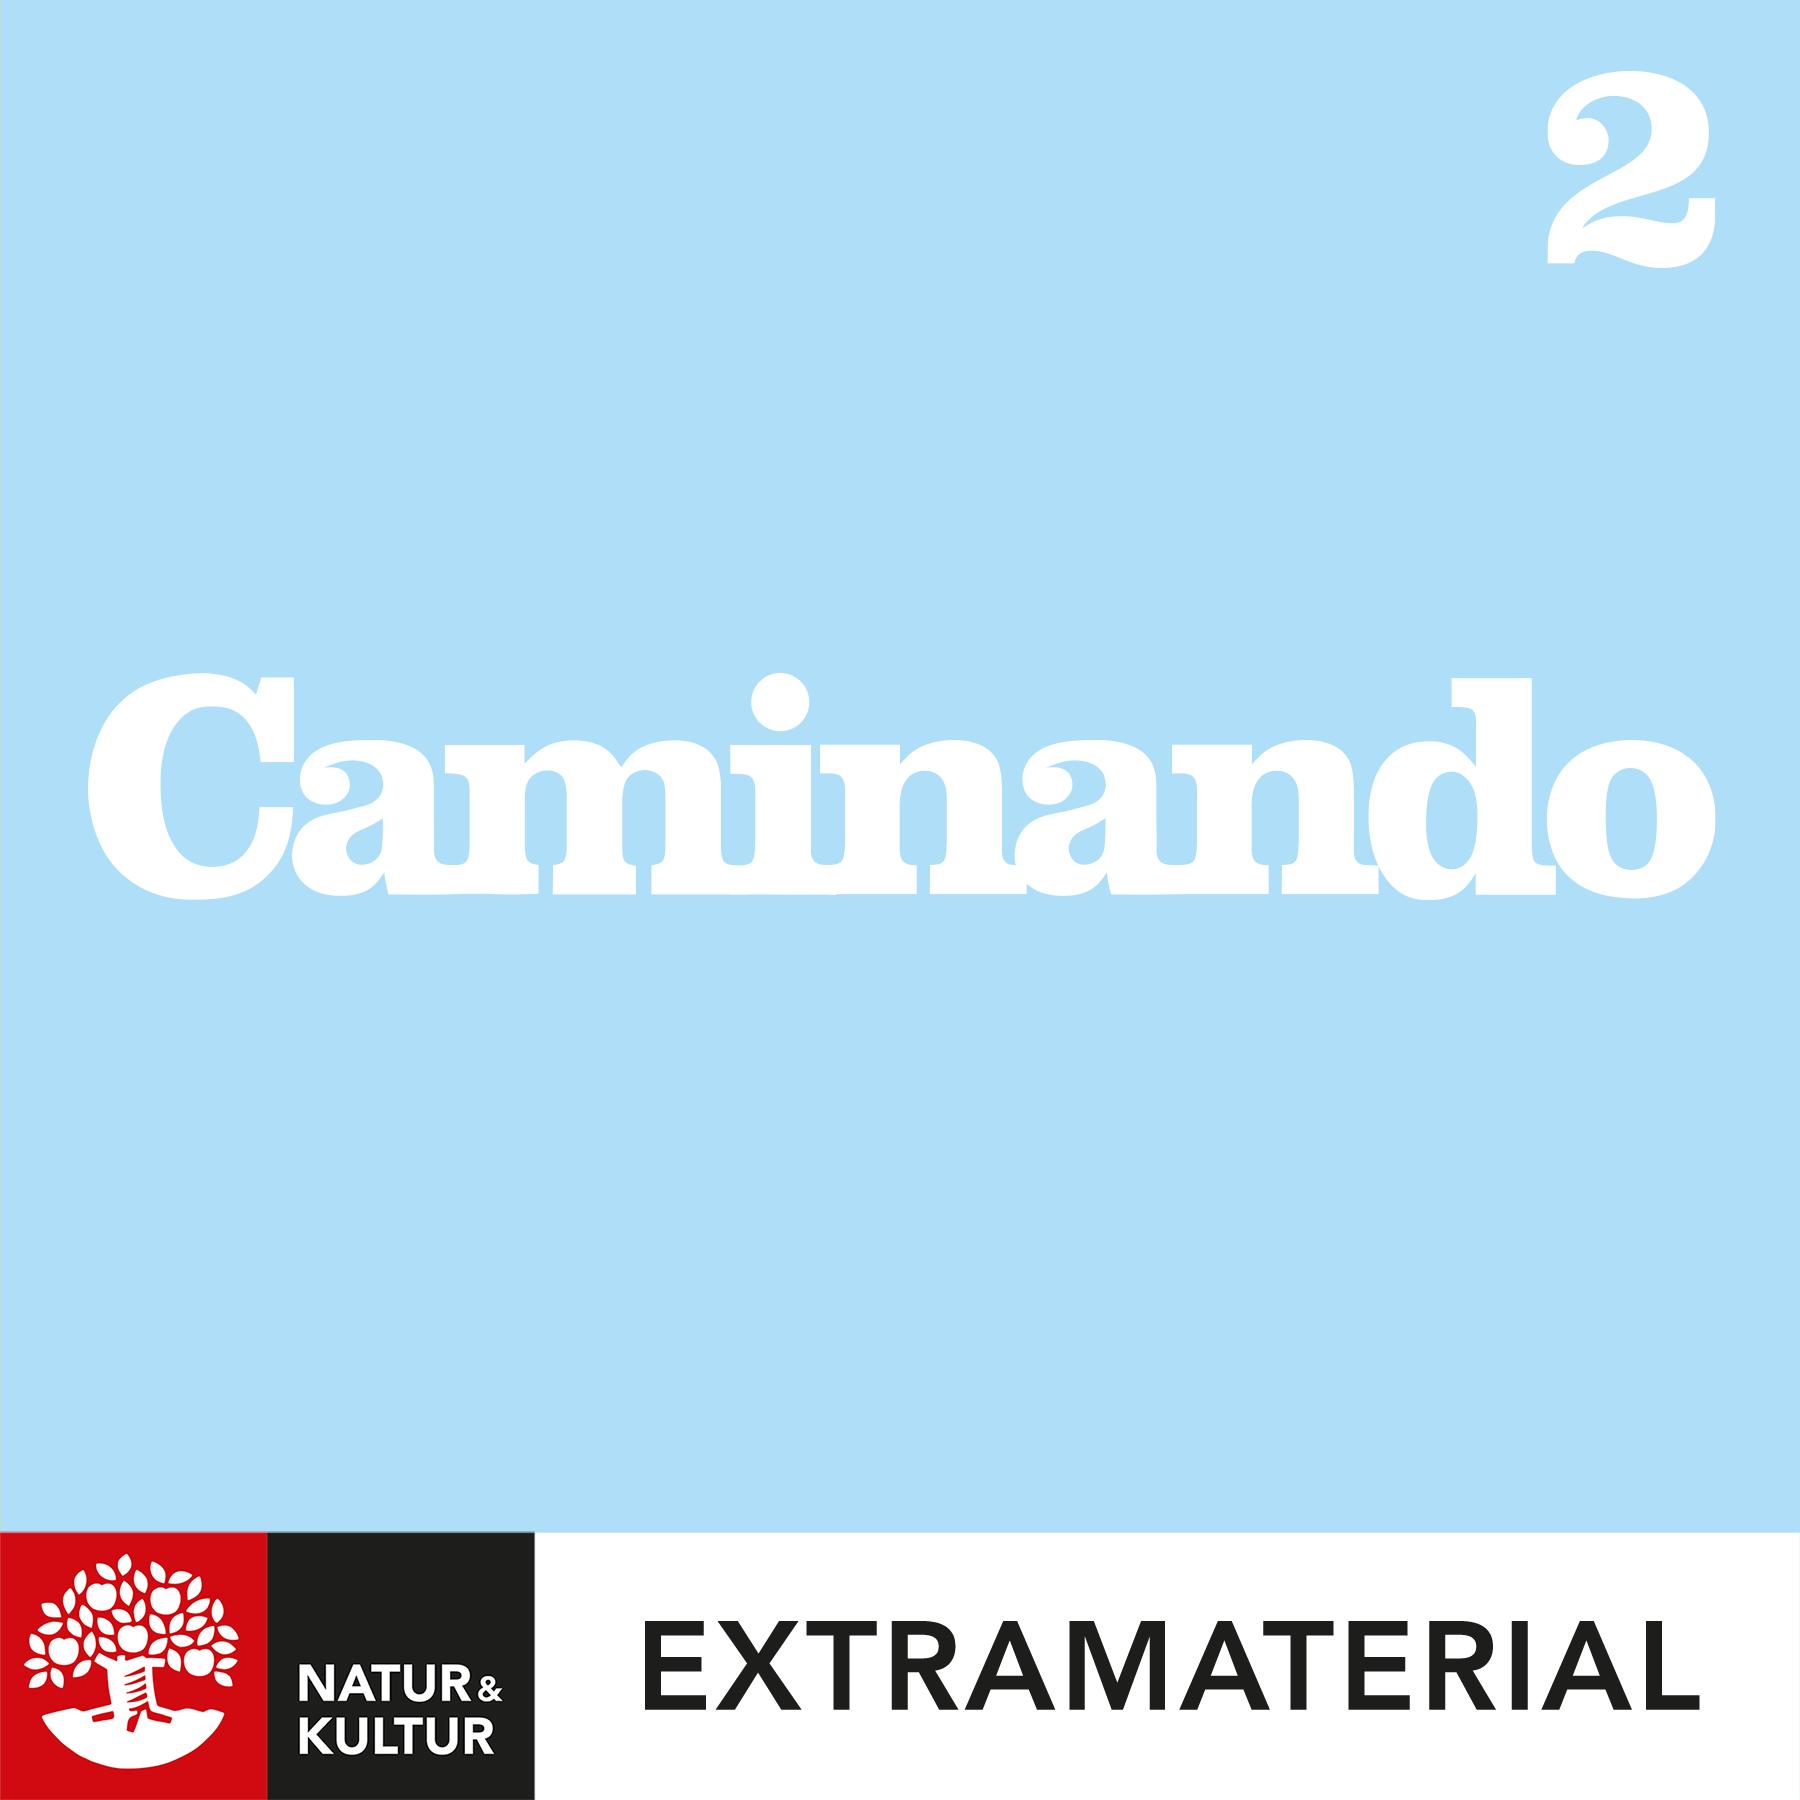 Caminando 2 fjärde upplagan